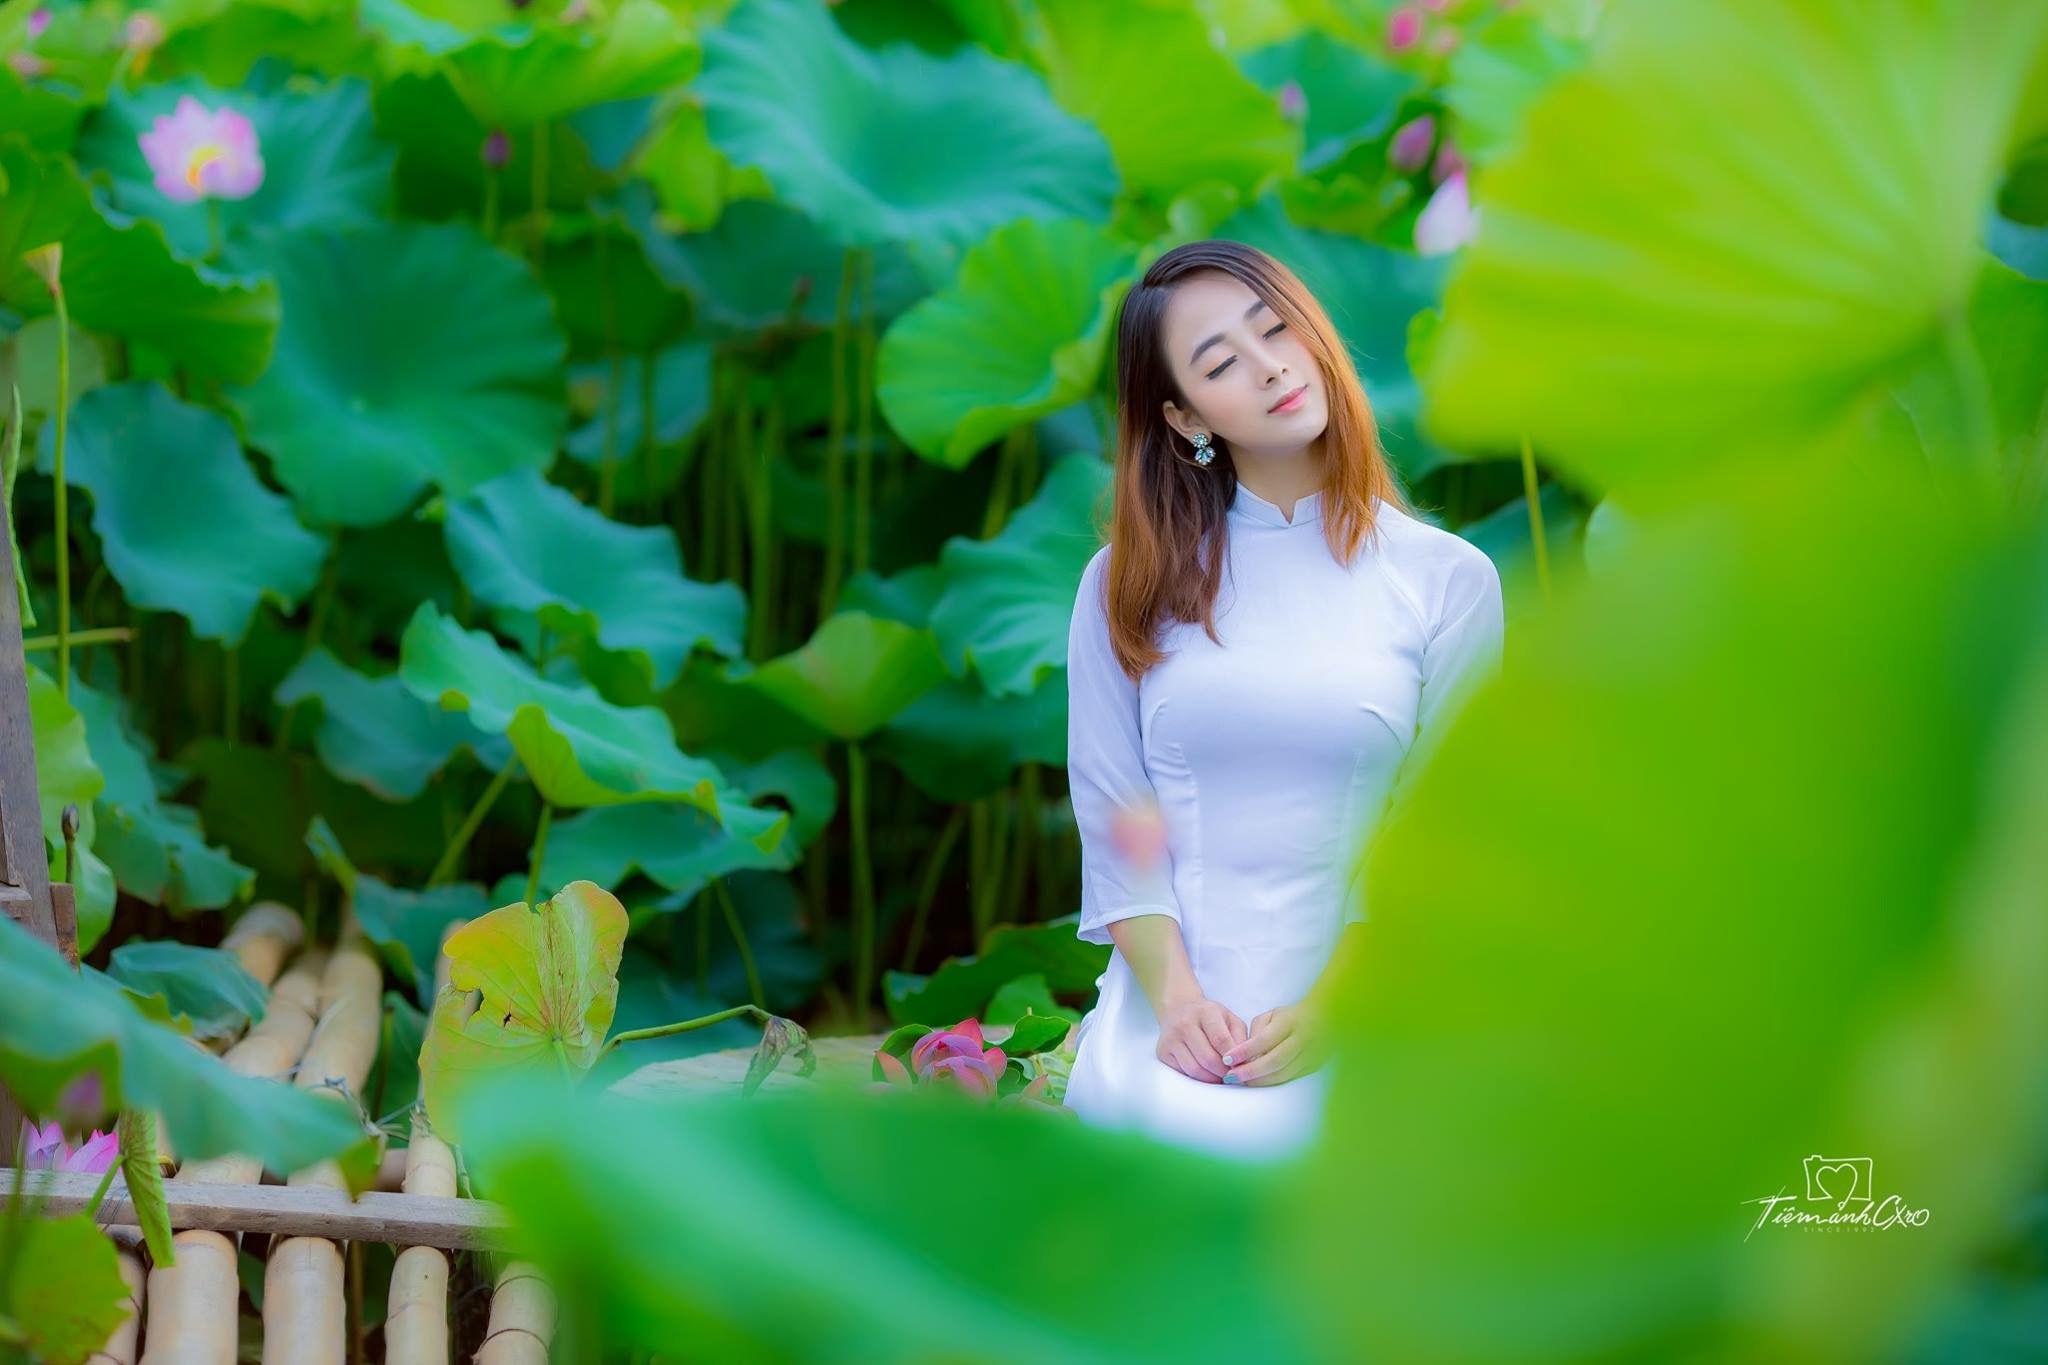 Tuyển tập girl xinh gái đẹp Việt Nam mặc áo dài đẹp mê hồn #60 - 9